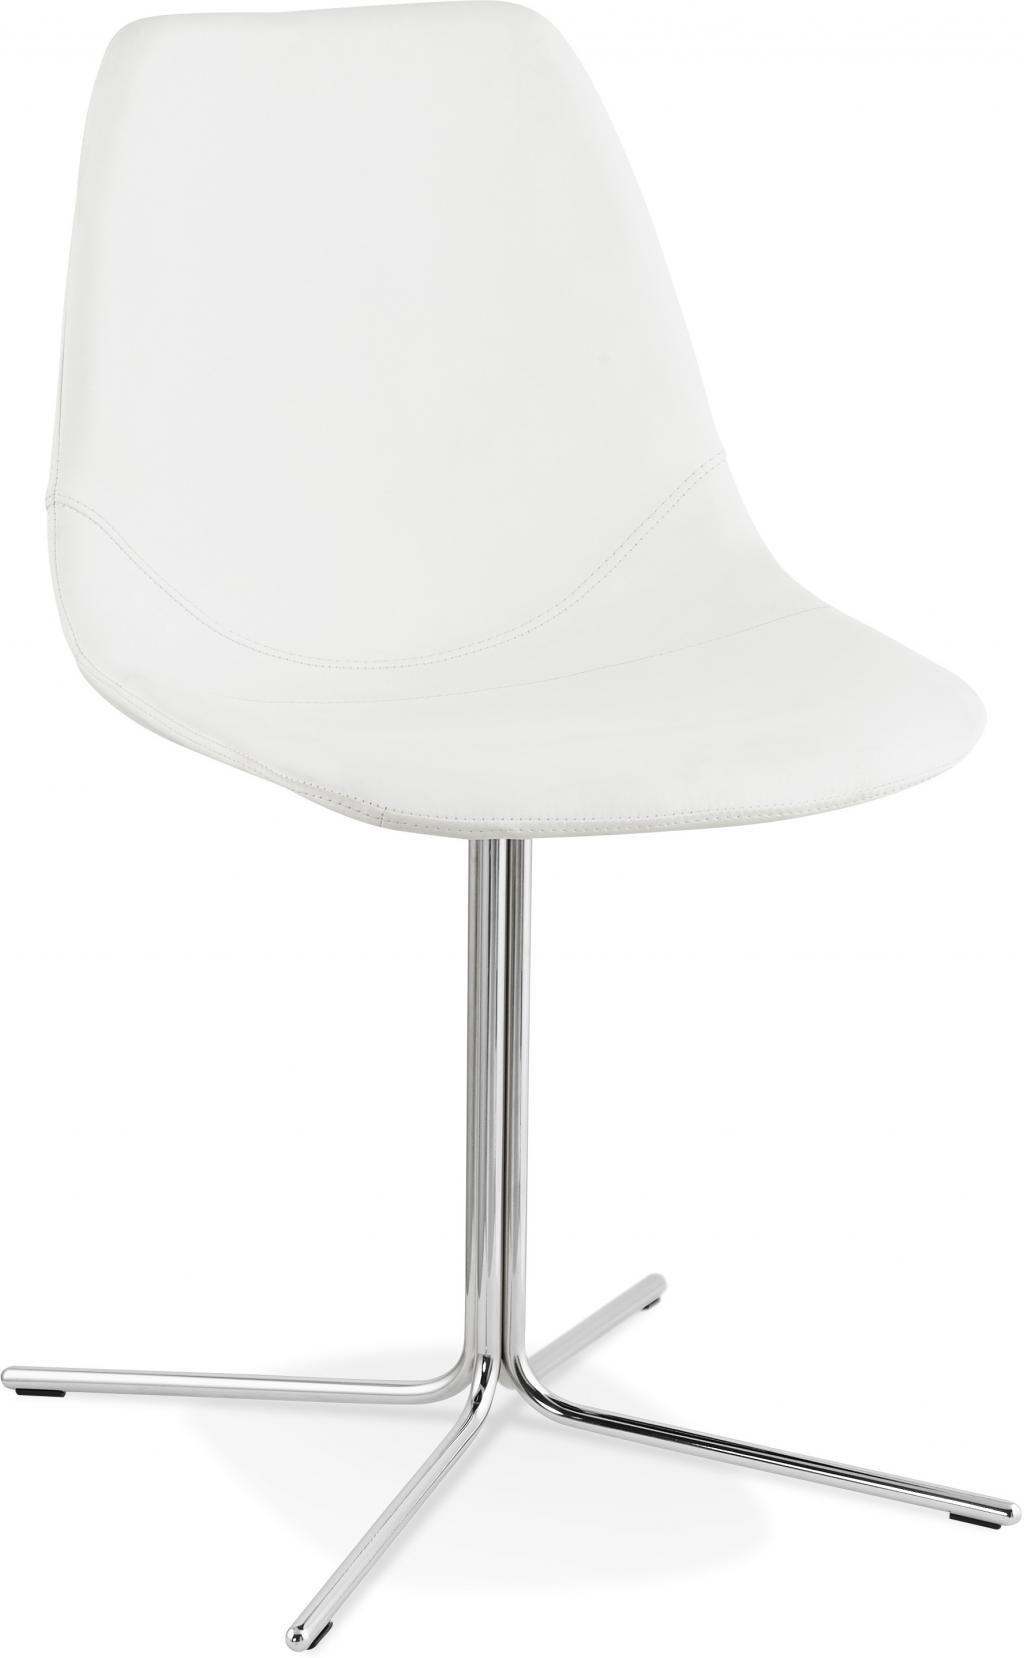 Stoel bedford wit verchroomd onderstel kokoon design for Design stoel wit